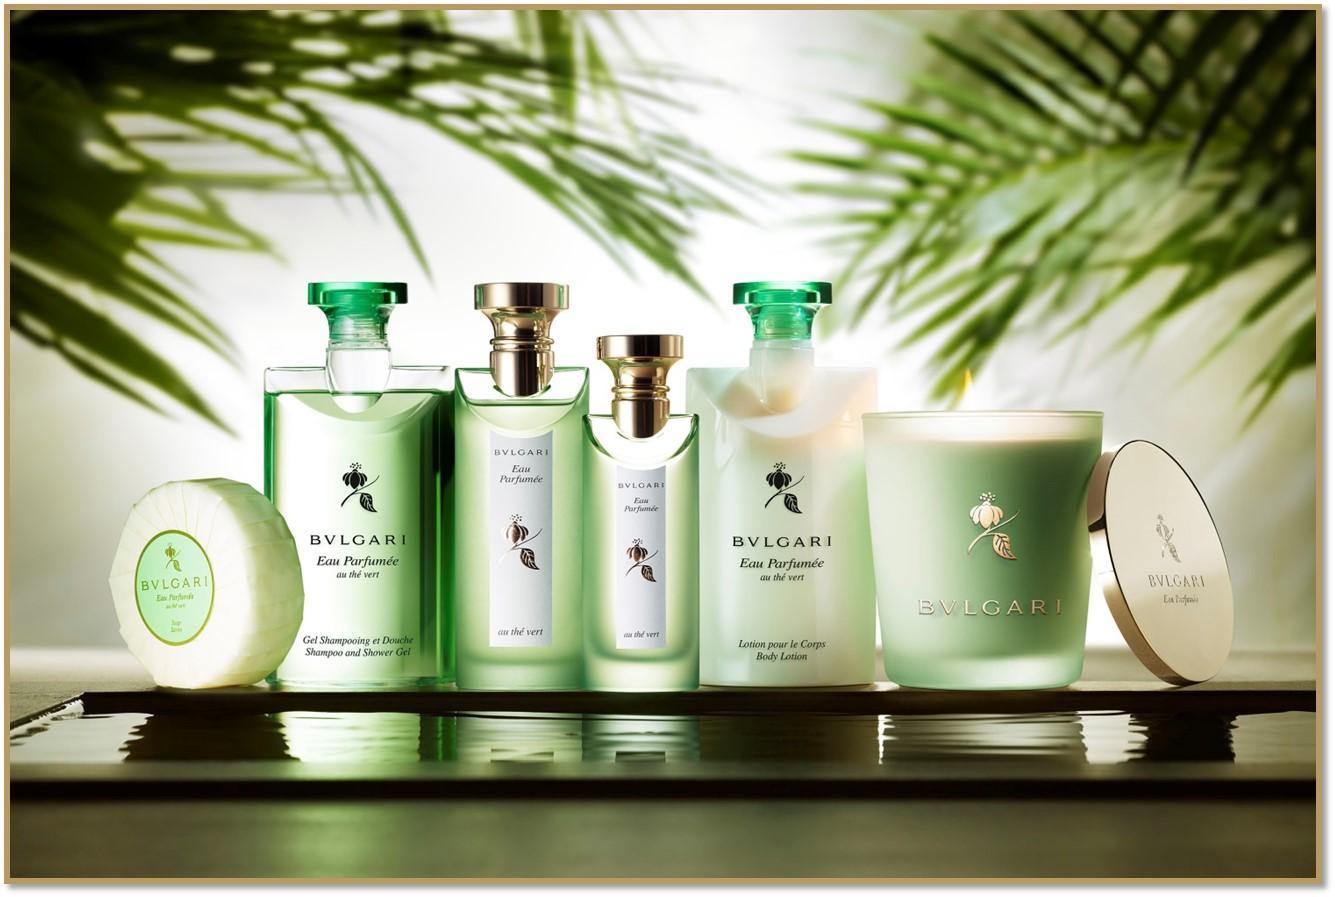 Благородный чай: роскошная кельнская коллекция ароматов Bvlgari Eau Parfumee